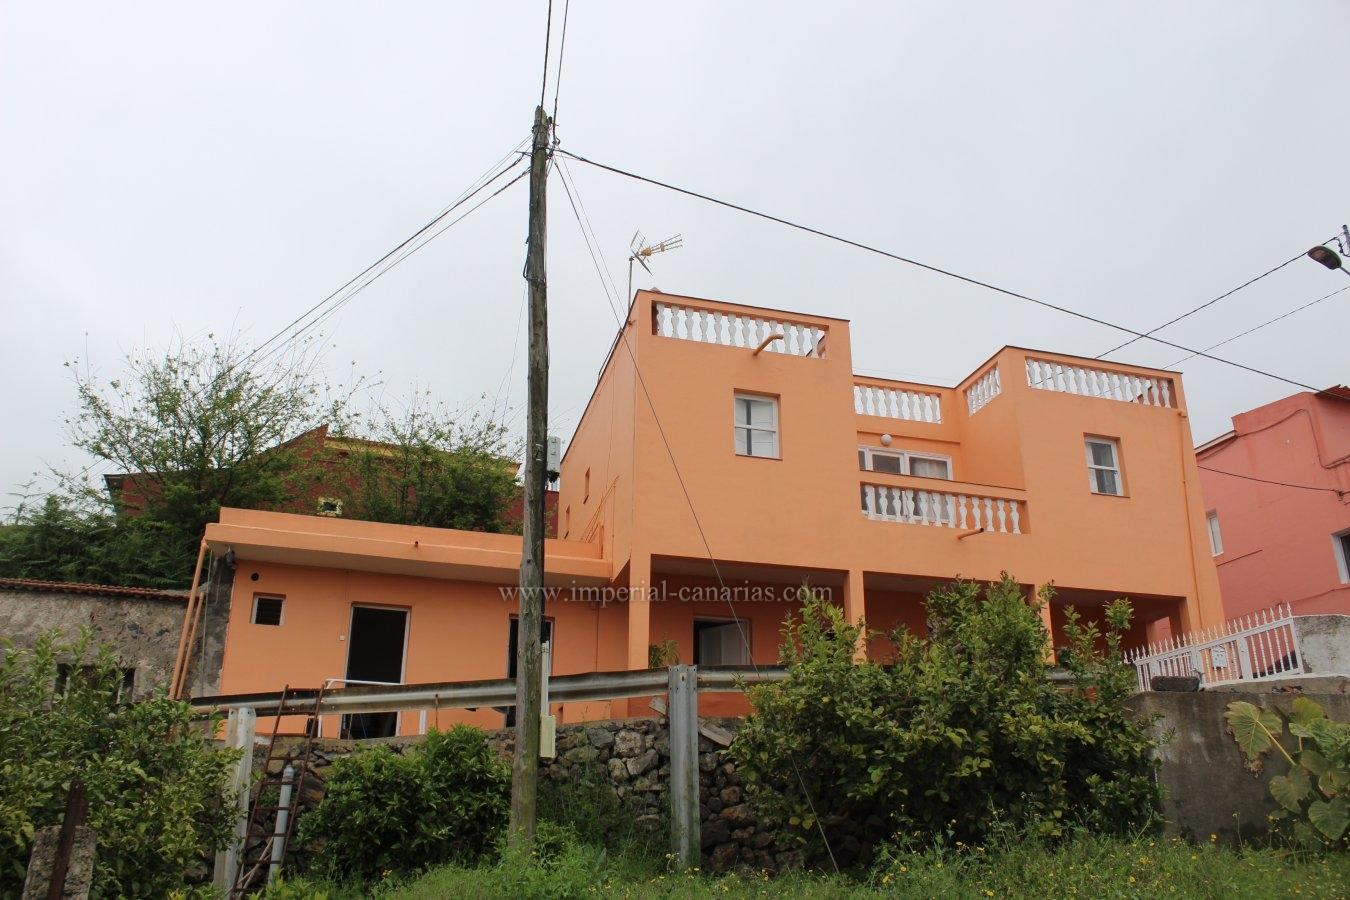 Casa terrera con su propia finca y bellas vistas en zona de Palo Blanco, Los Realejos.